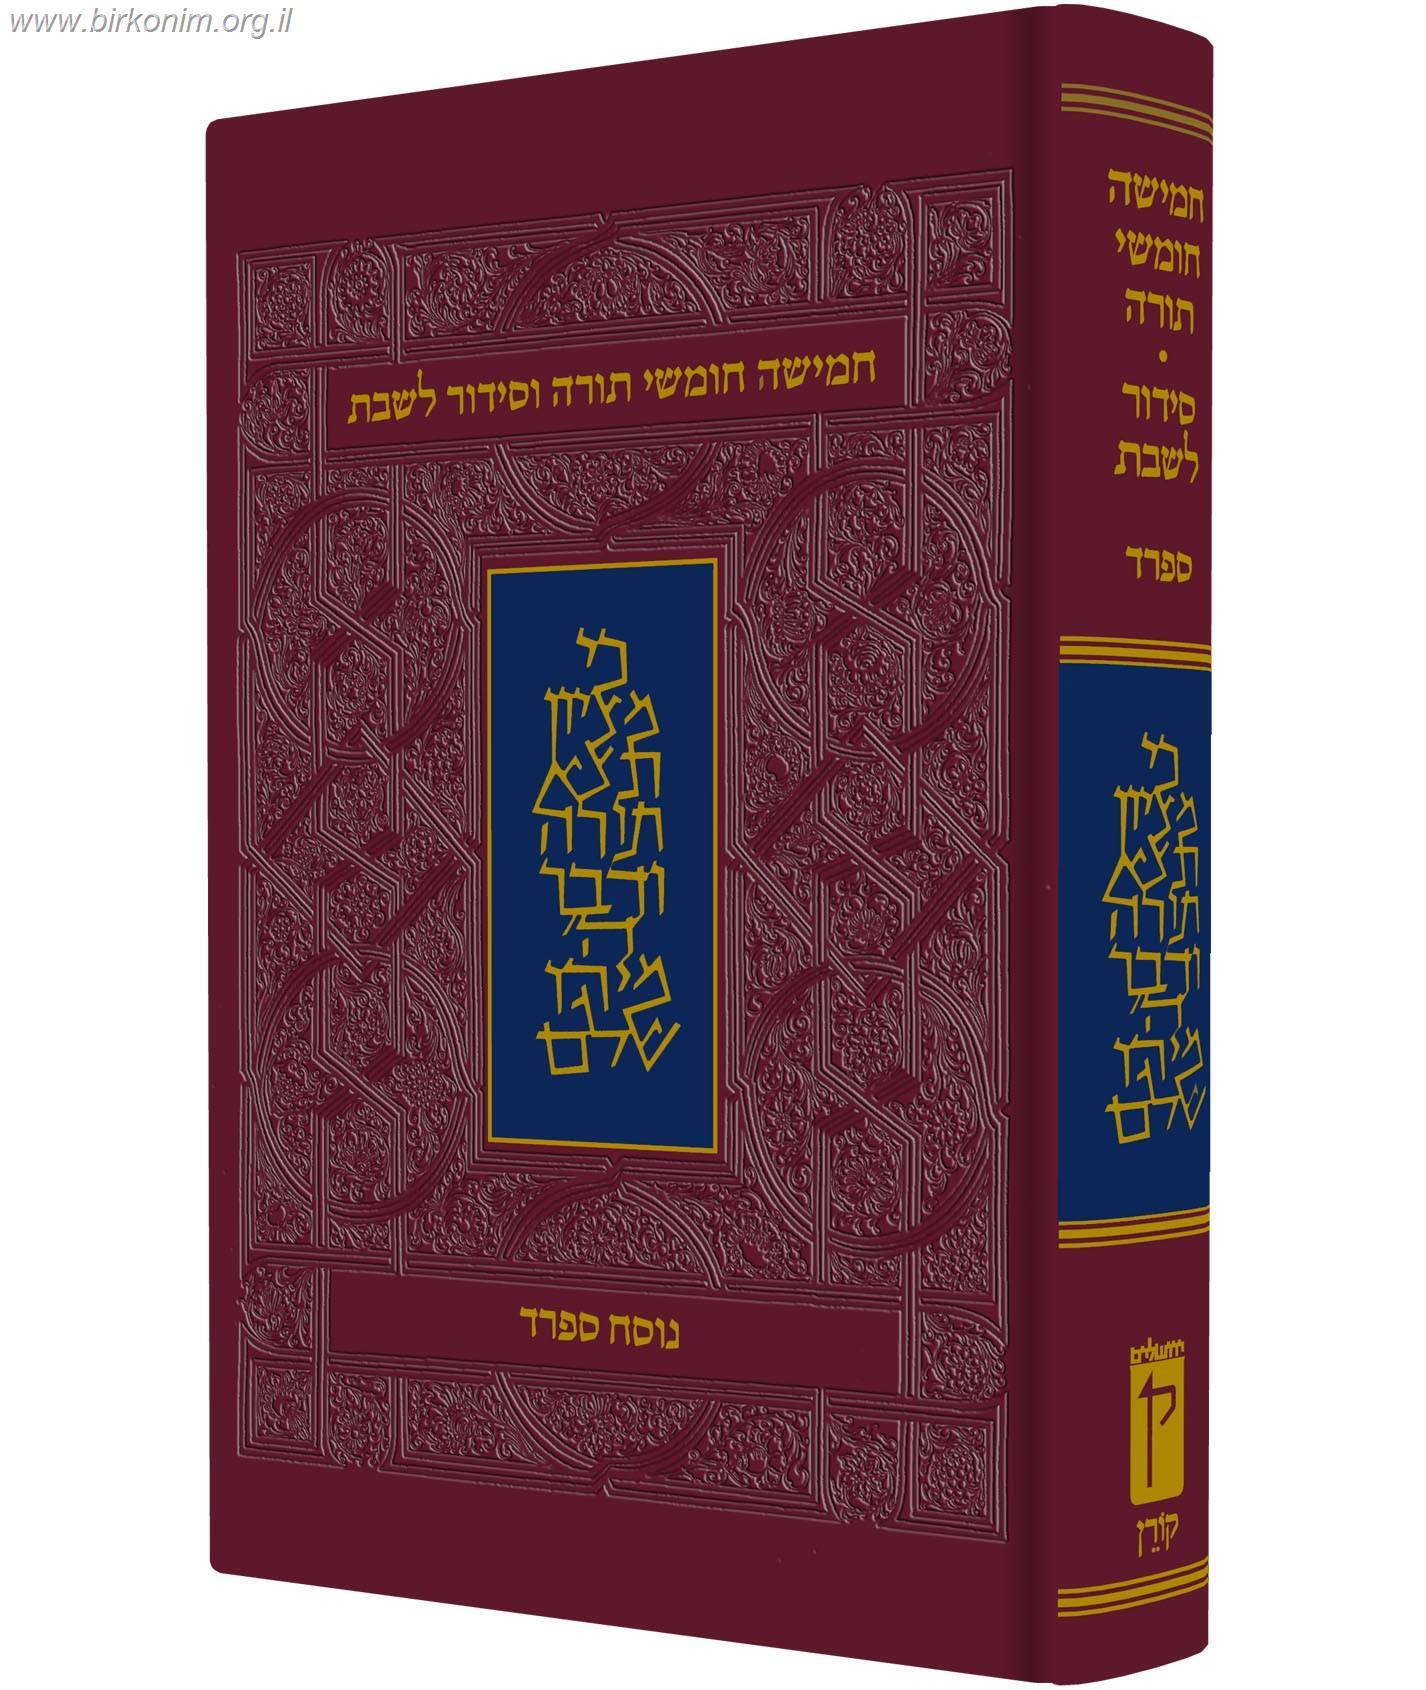 חומש קורן עם תפילות שבת - מהדורה אישית